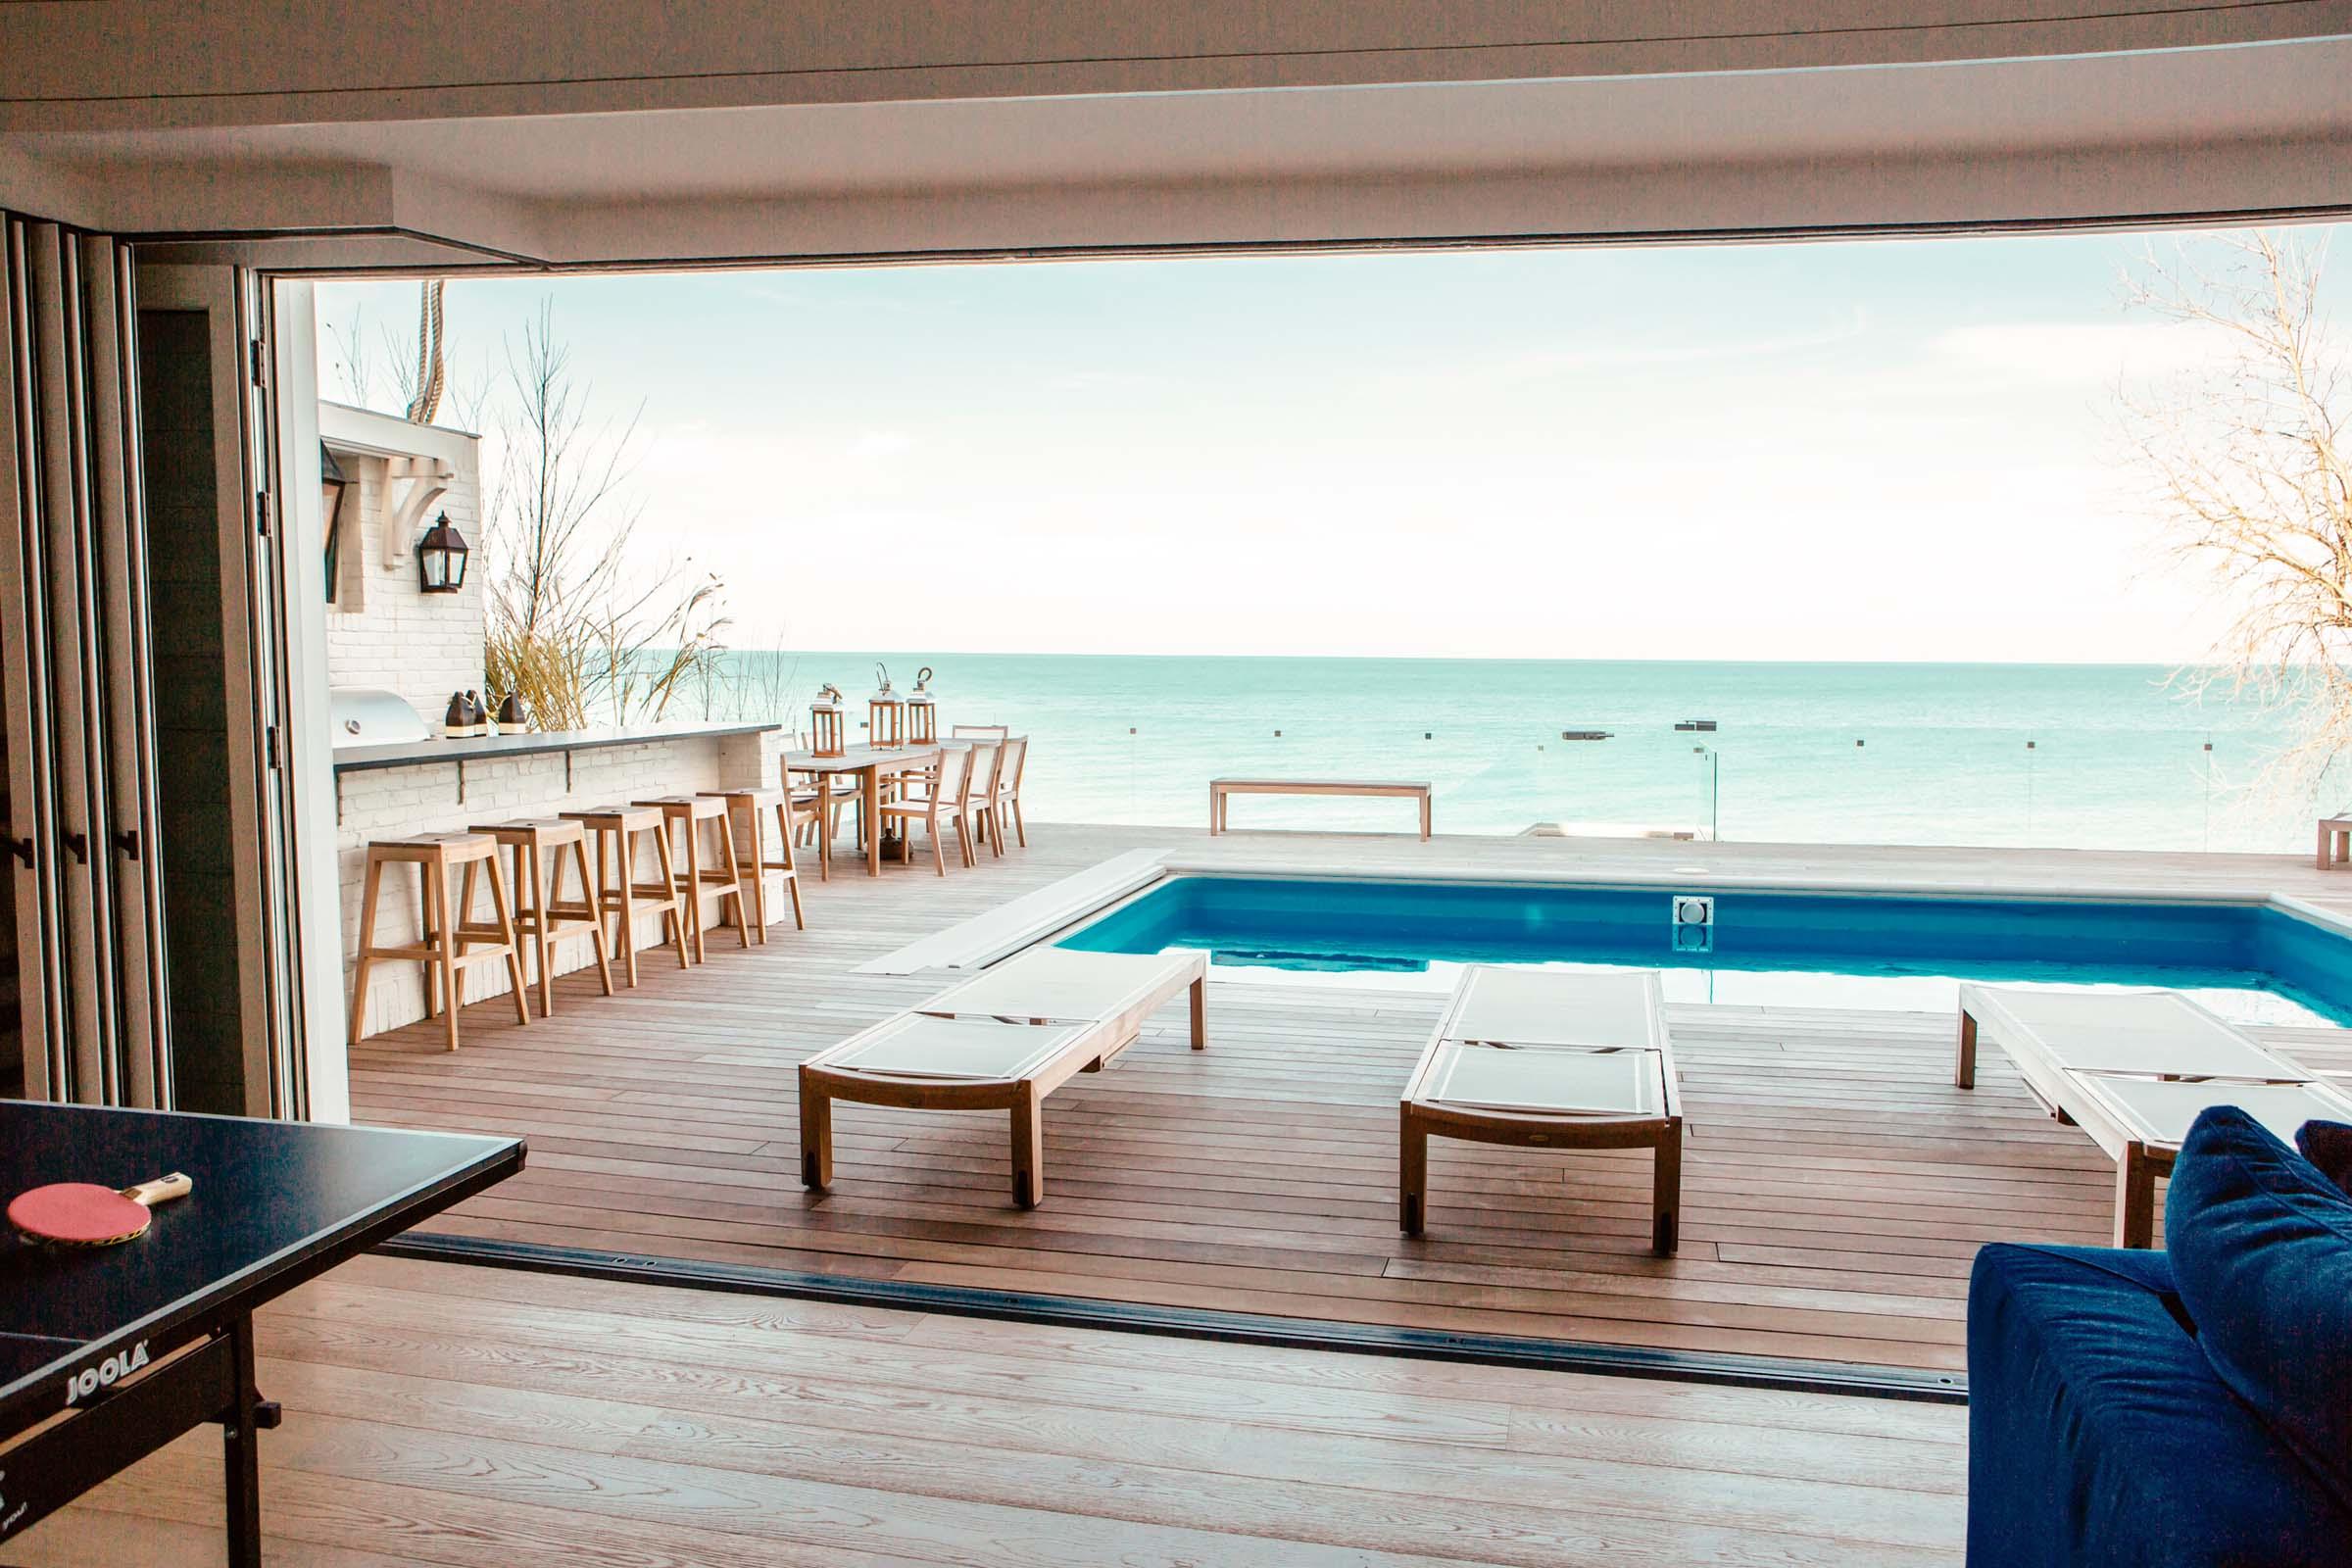 Leo_Designs_Chicago_interior_design_grand_haven_beach_refuge20.jpg